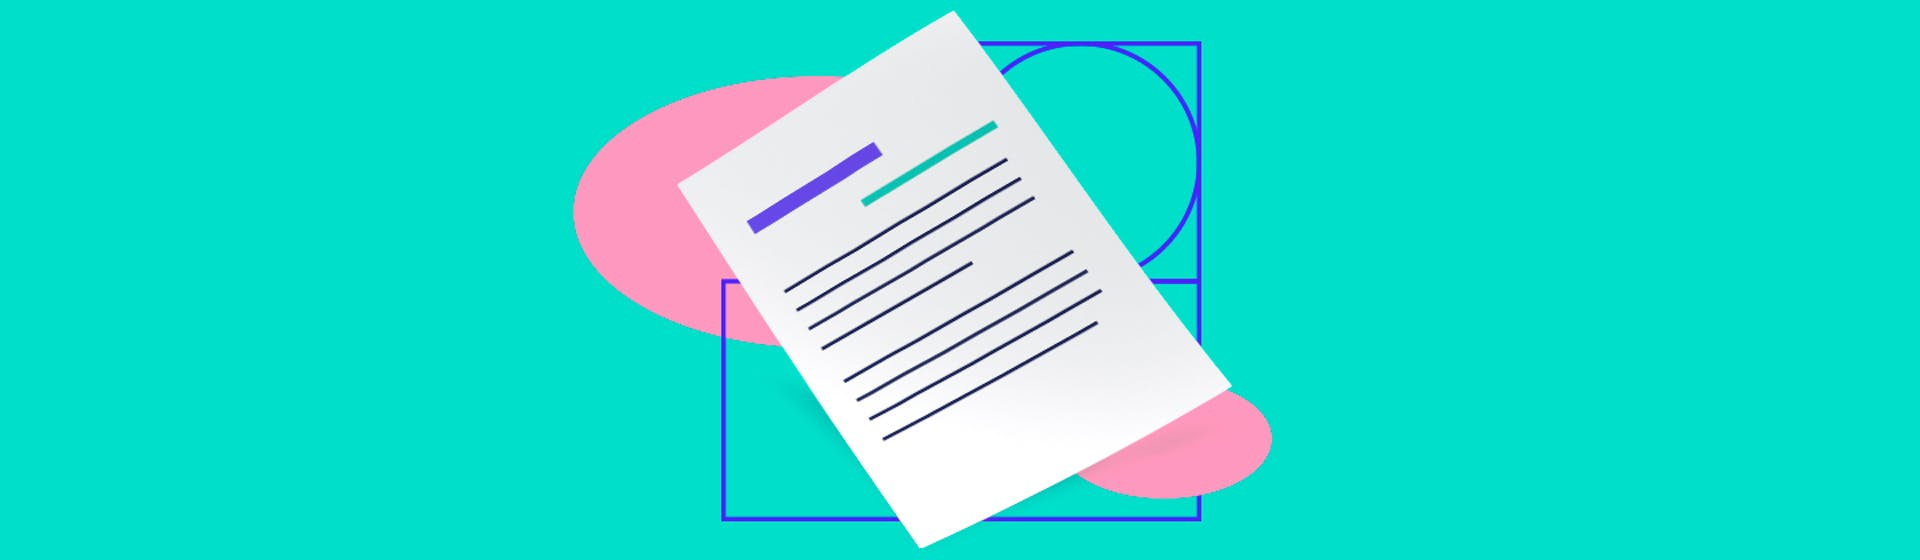 ¿Qué es una carta informal? ¡Inmortaliza tus memorias escribiendo!